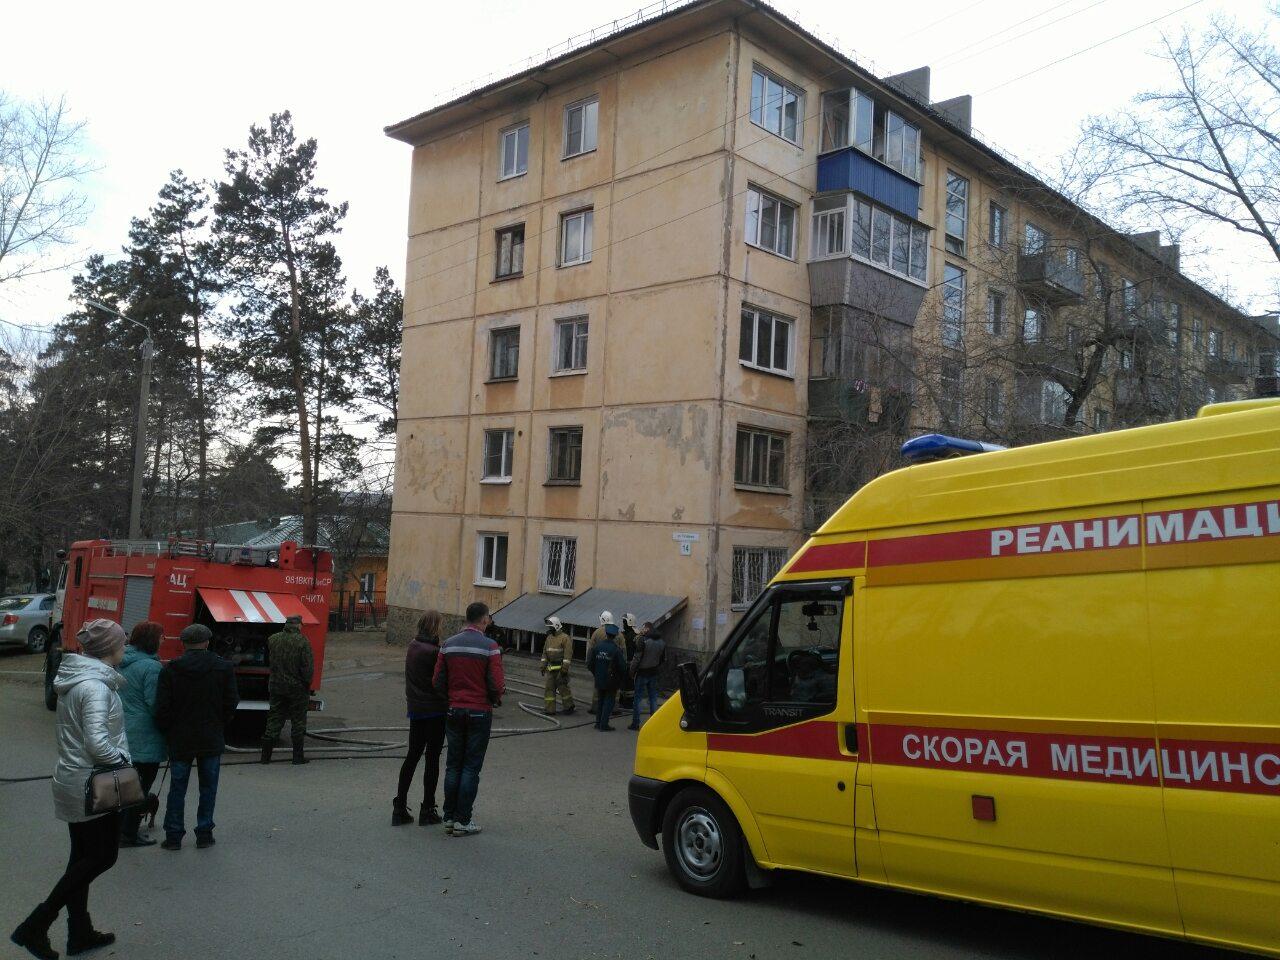 В Чите произошло возгорание в подвале жилого дома